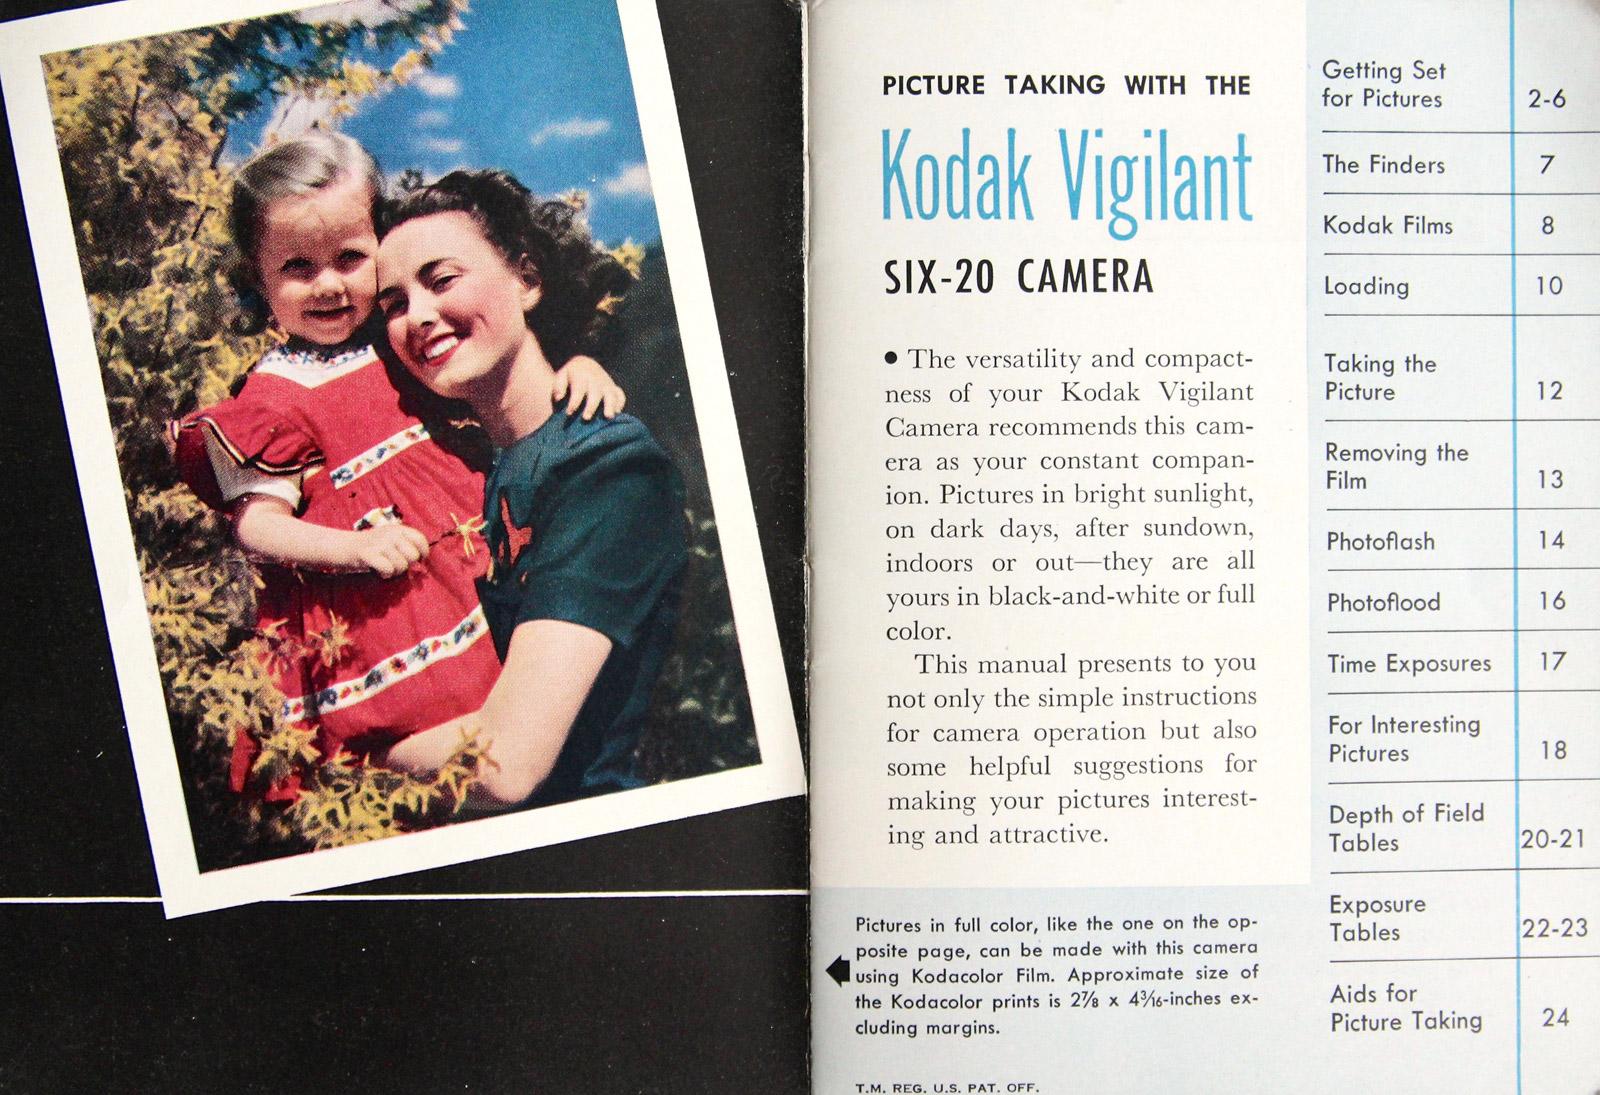 Manuel Kodak Vigilant 6-20, 1948.